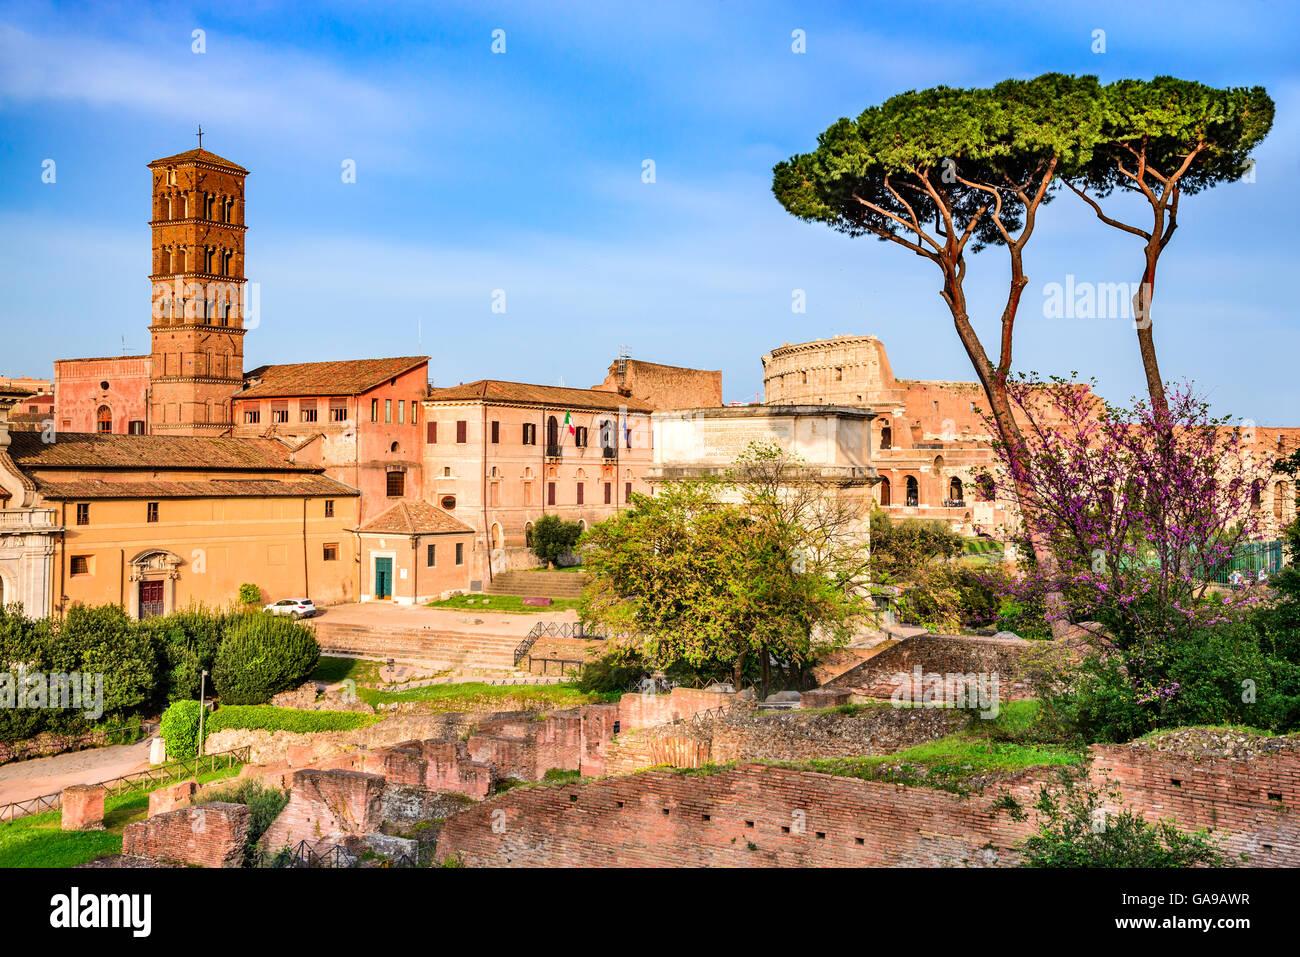 Roma, Italia. Incredibili scenari con foro Romano rovine e il Colosseo e Anfiteatro flaviano. Immagini Stock